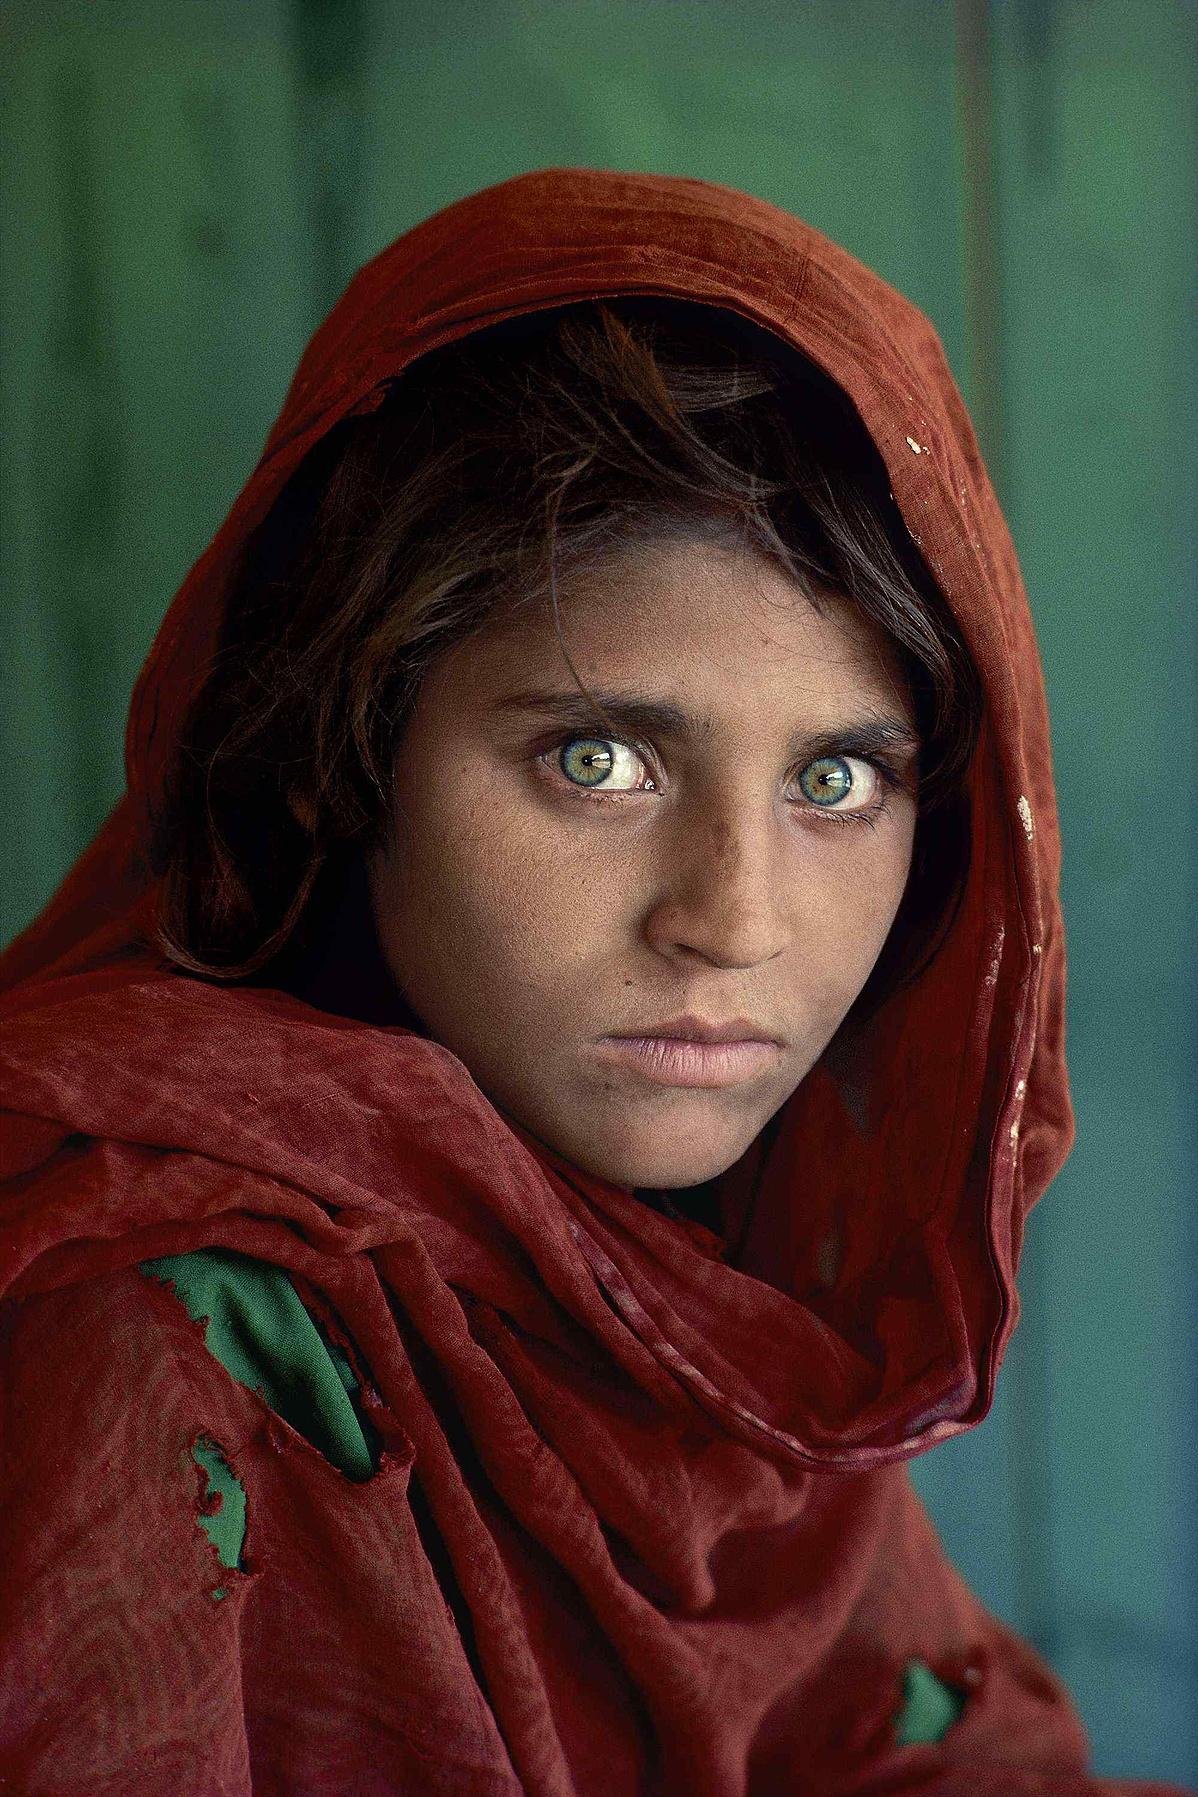 Az afgán lány portréja